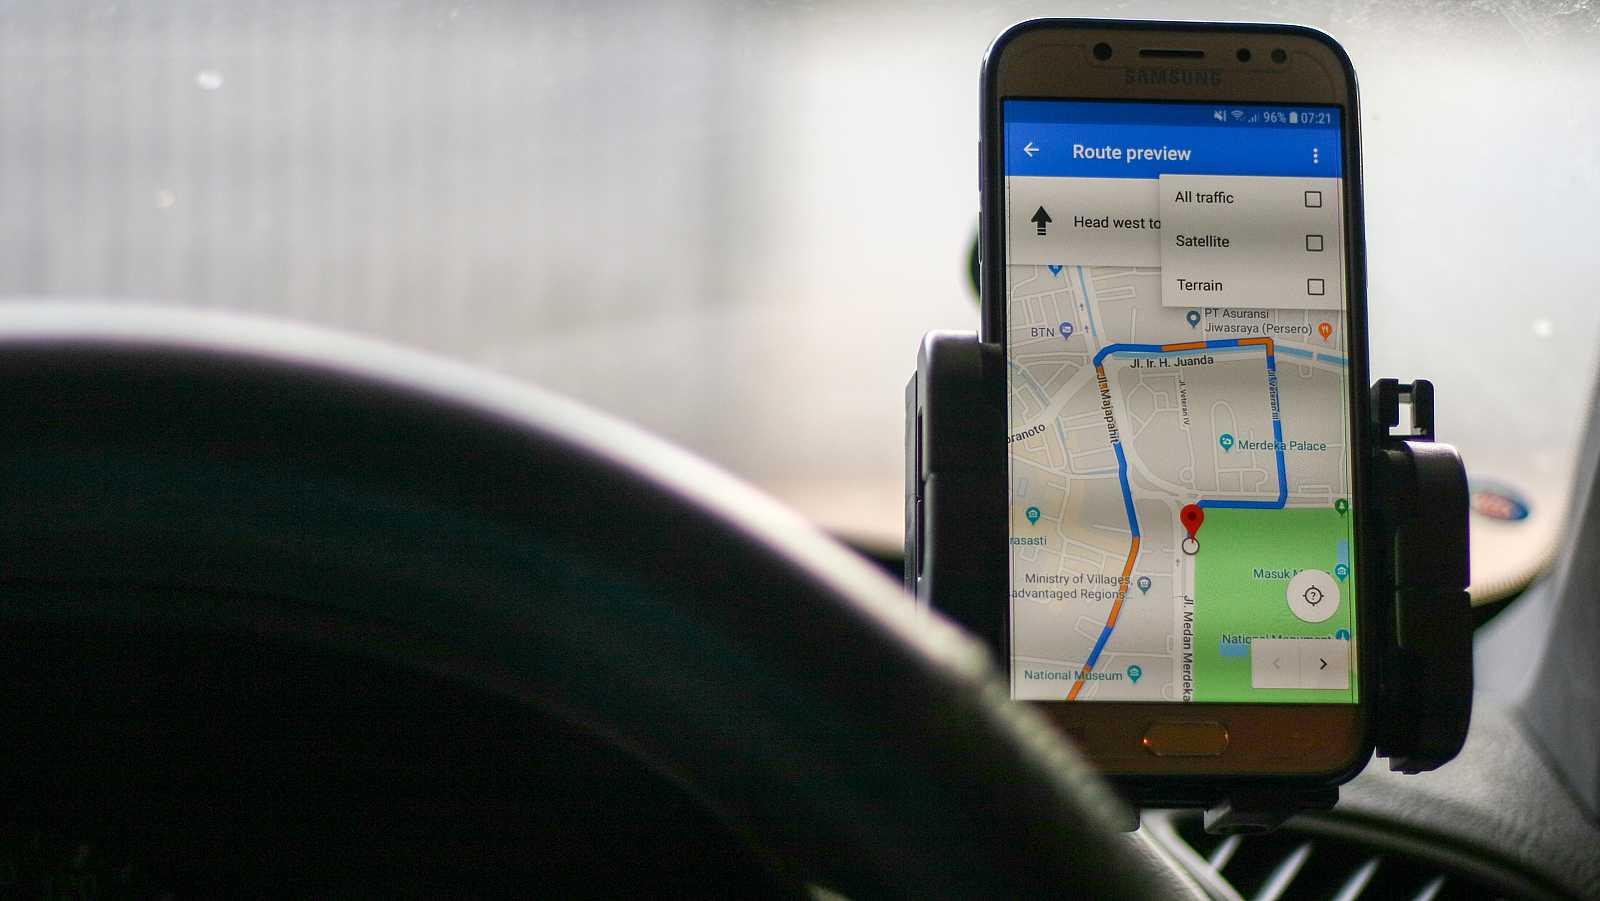 Hasta ahora, Google Maps utilizaba una voz para dar las instrucciones en su modo navegación que dejaba oír su carácter robótico.